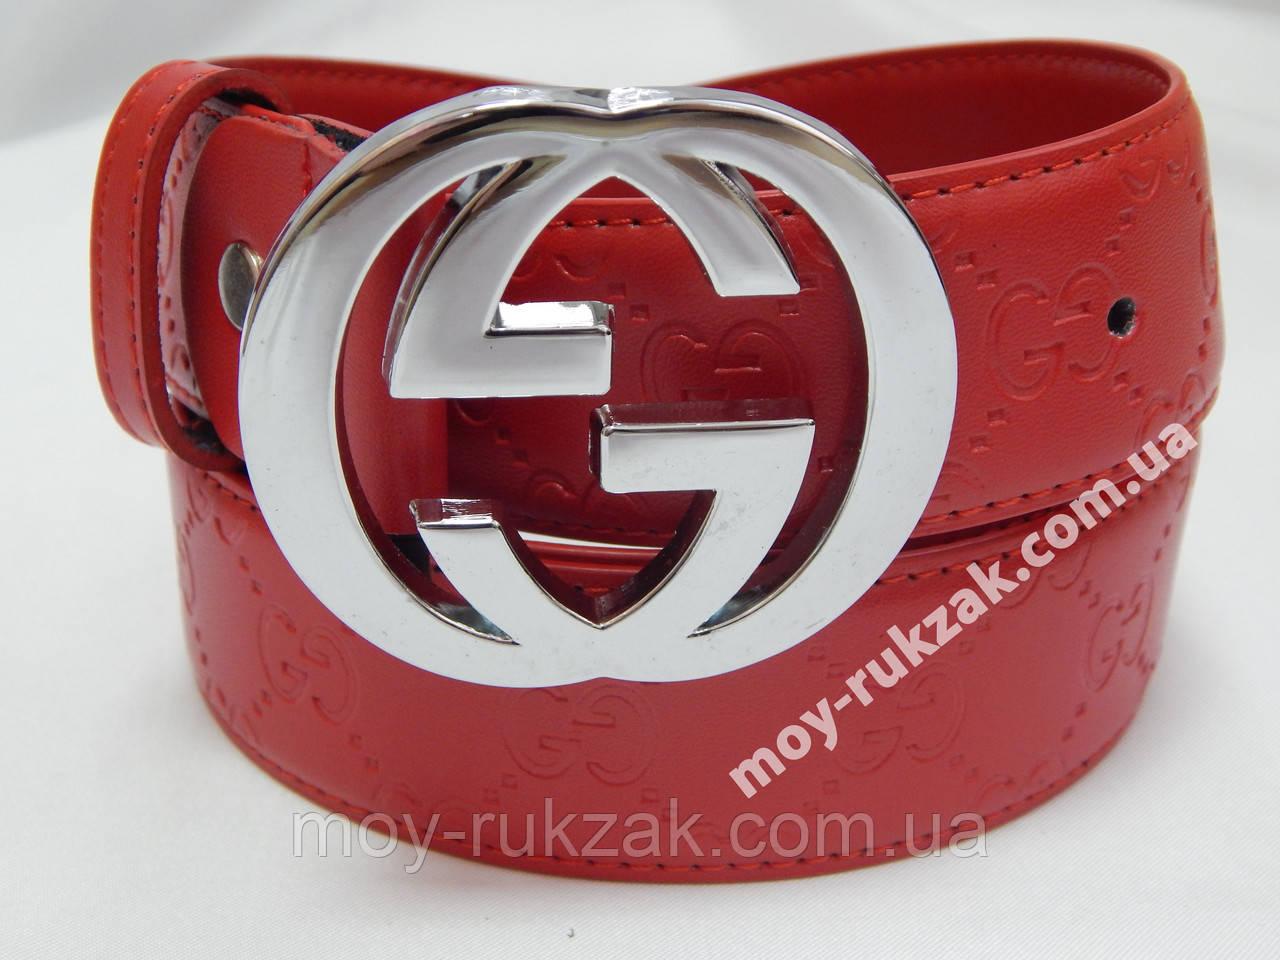 Женский брендовый кожаный ремень Gucci 40 мм., красный, реплика 930857